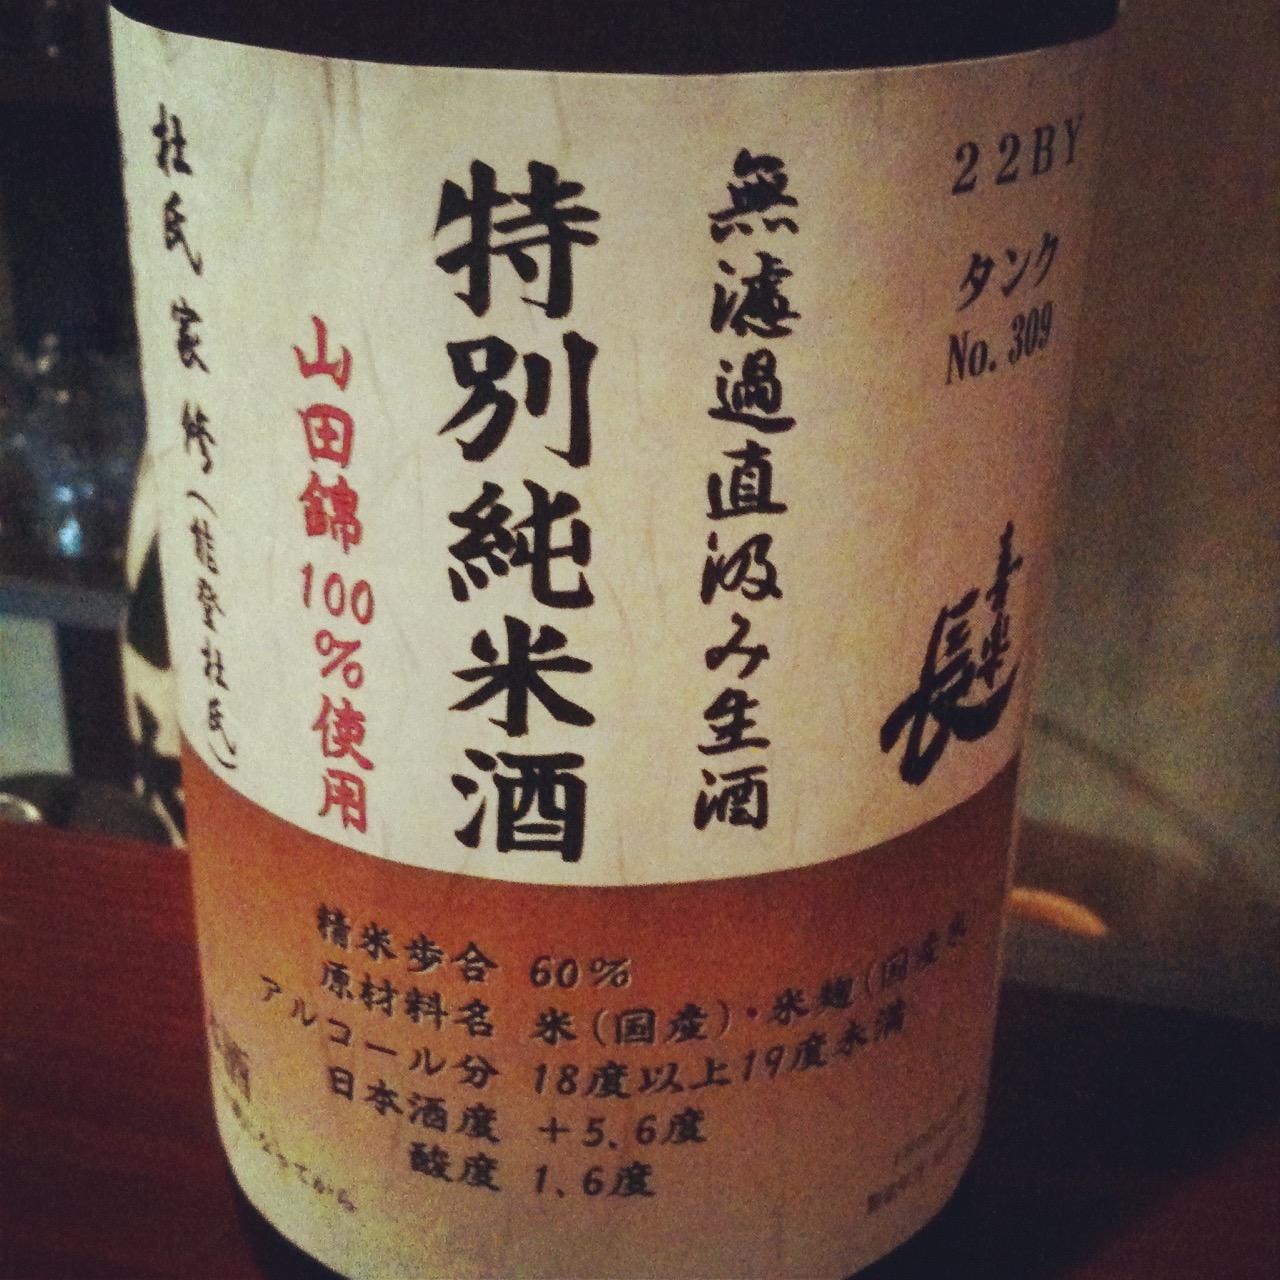 喜楽長 無濾過直汲み生酒 特別純米酒 日本酒テイスティングノート